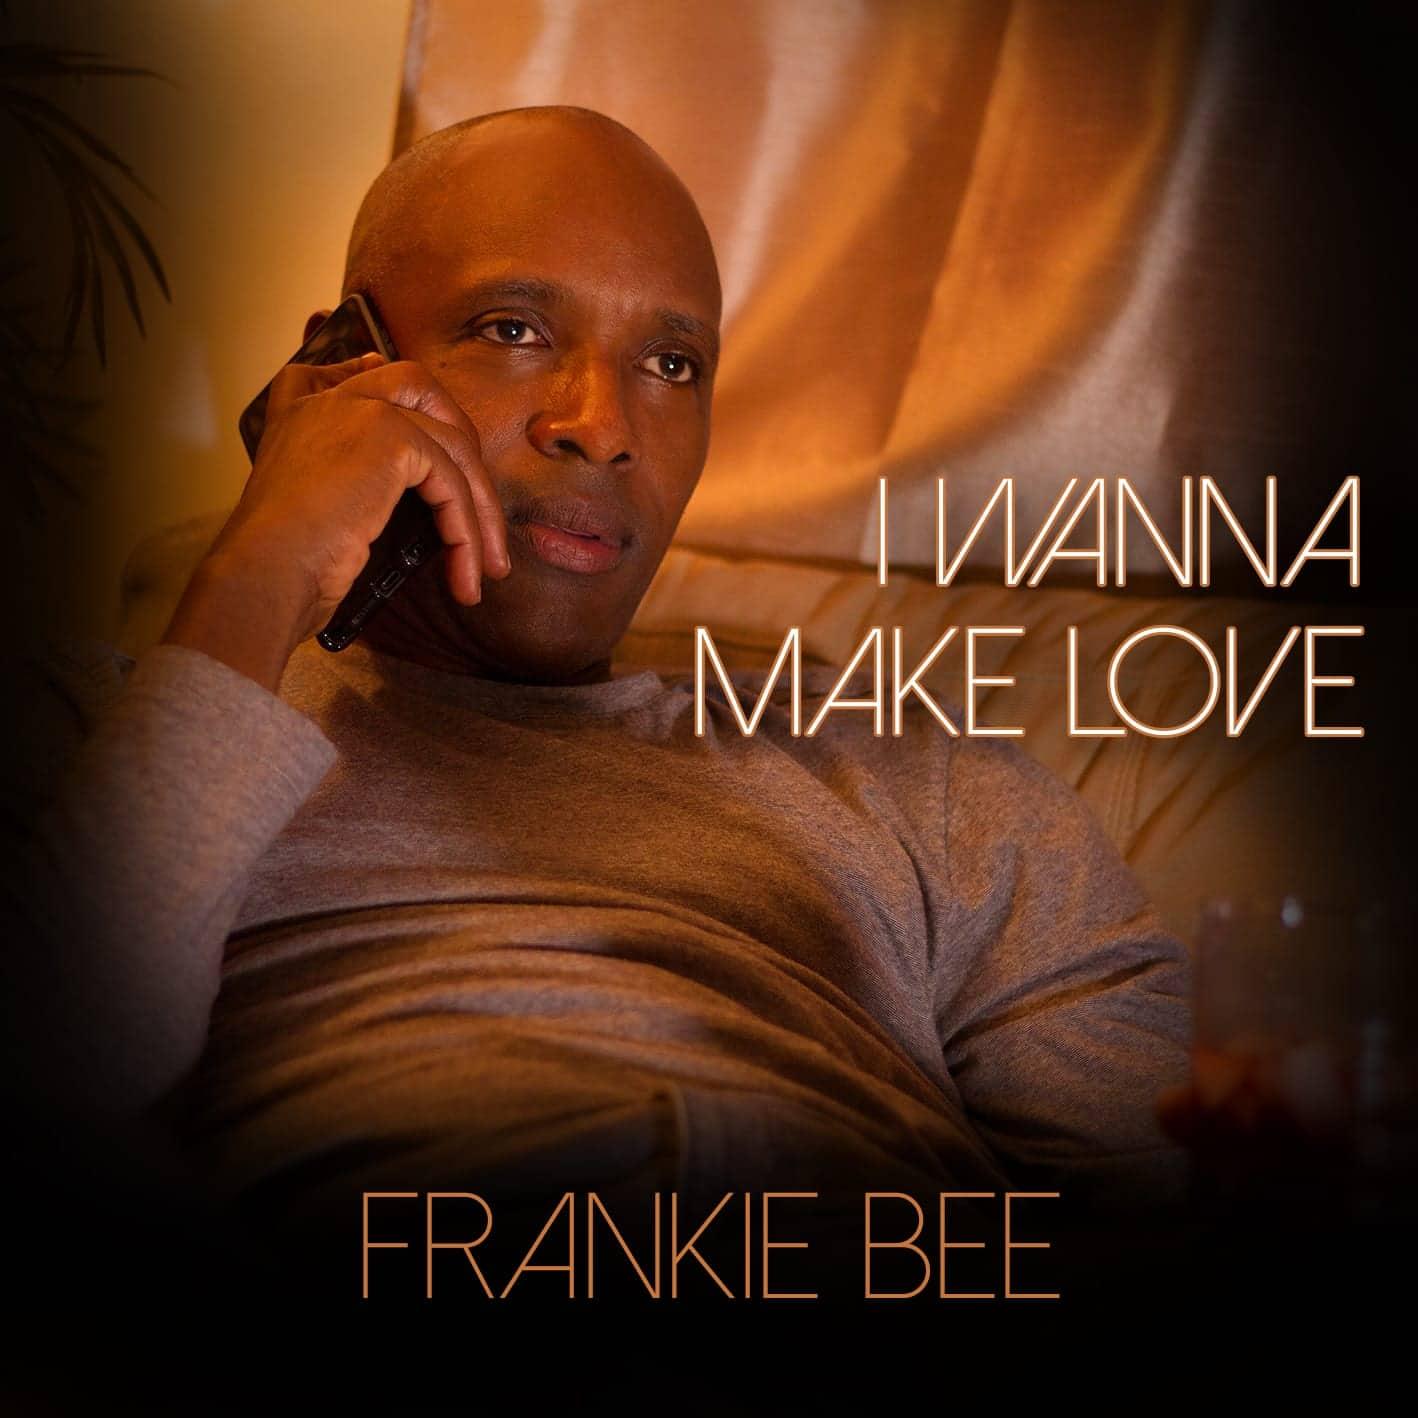 Frankie Bee - I Wanna Make Love - Wally Bee Productions